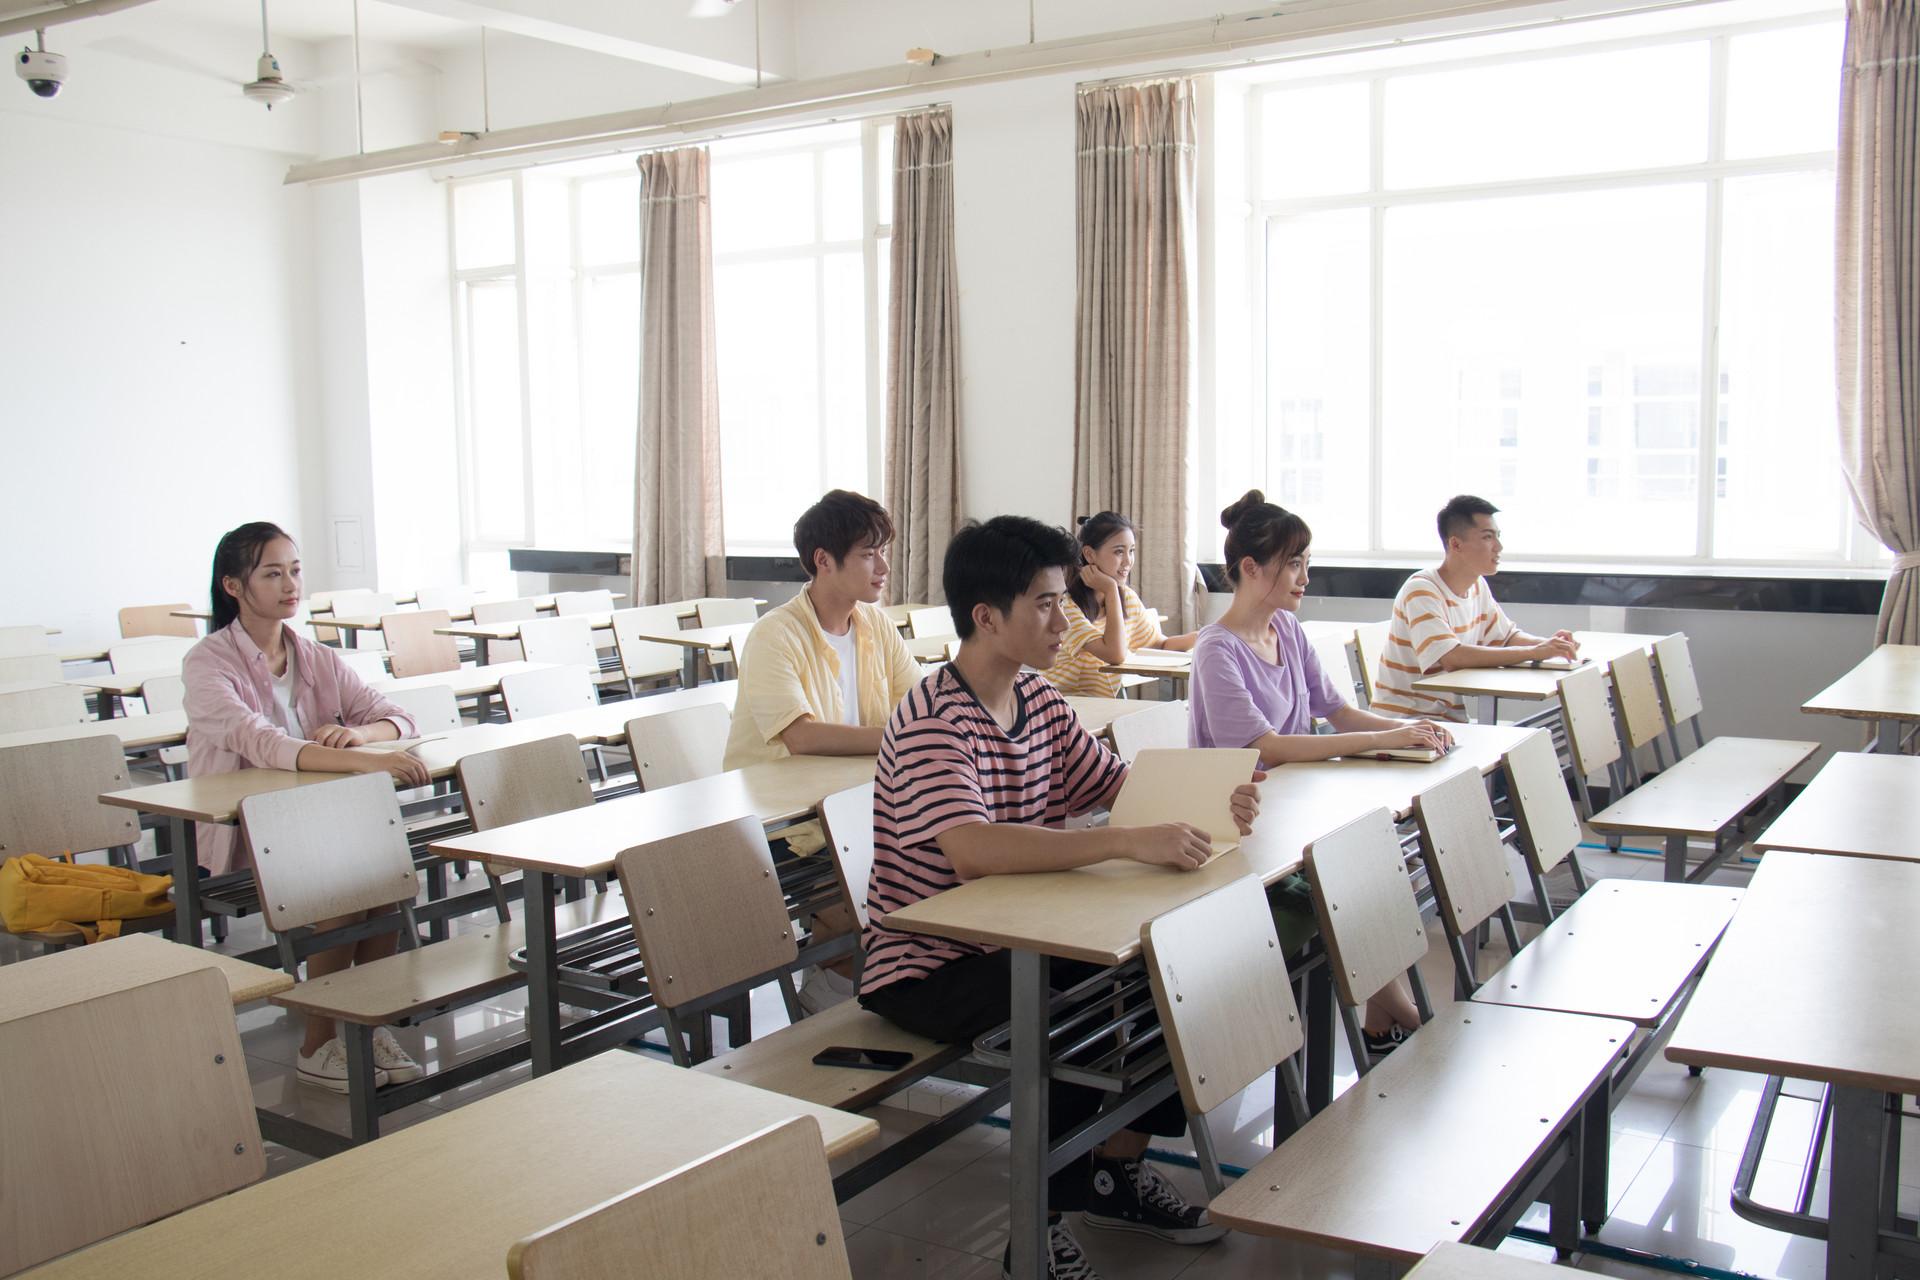 蚌埠零基础学会计-蚌埠cpa培训价格